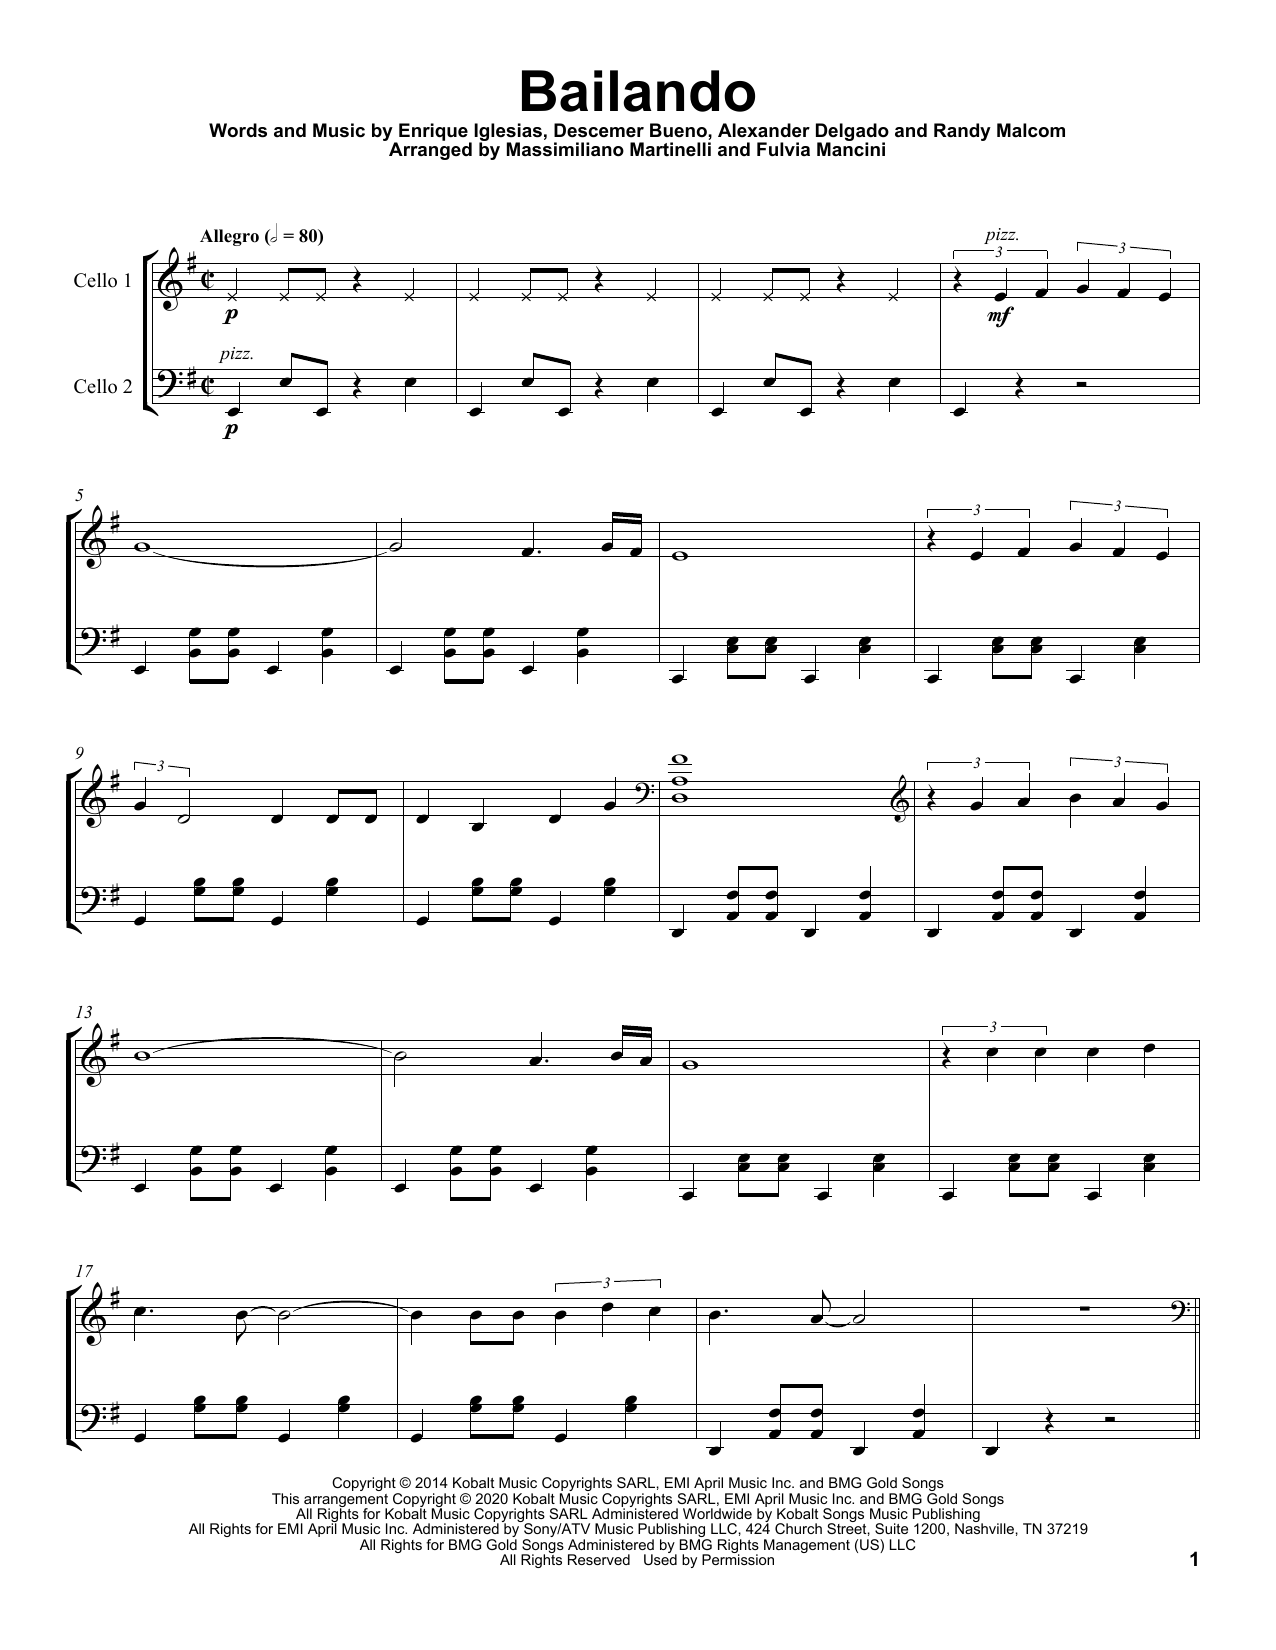 Bailando (Cello Duet)